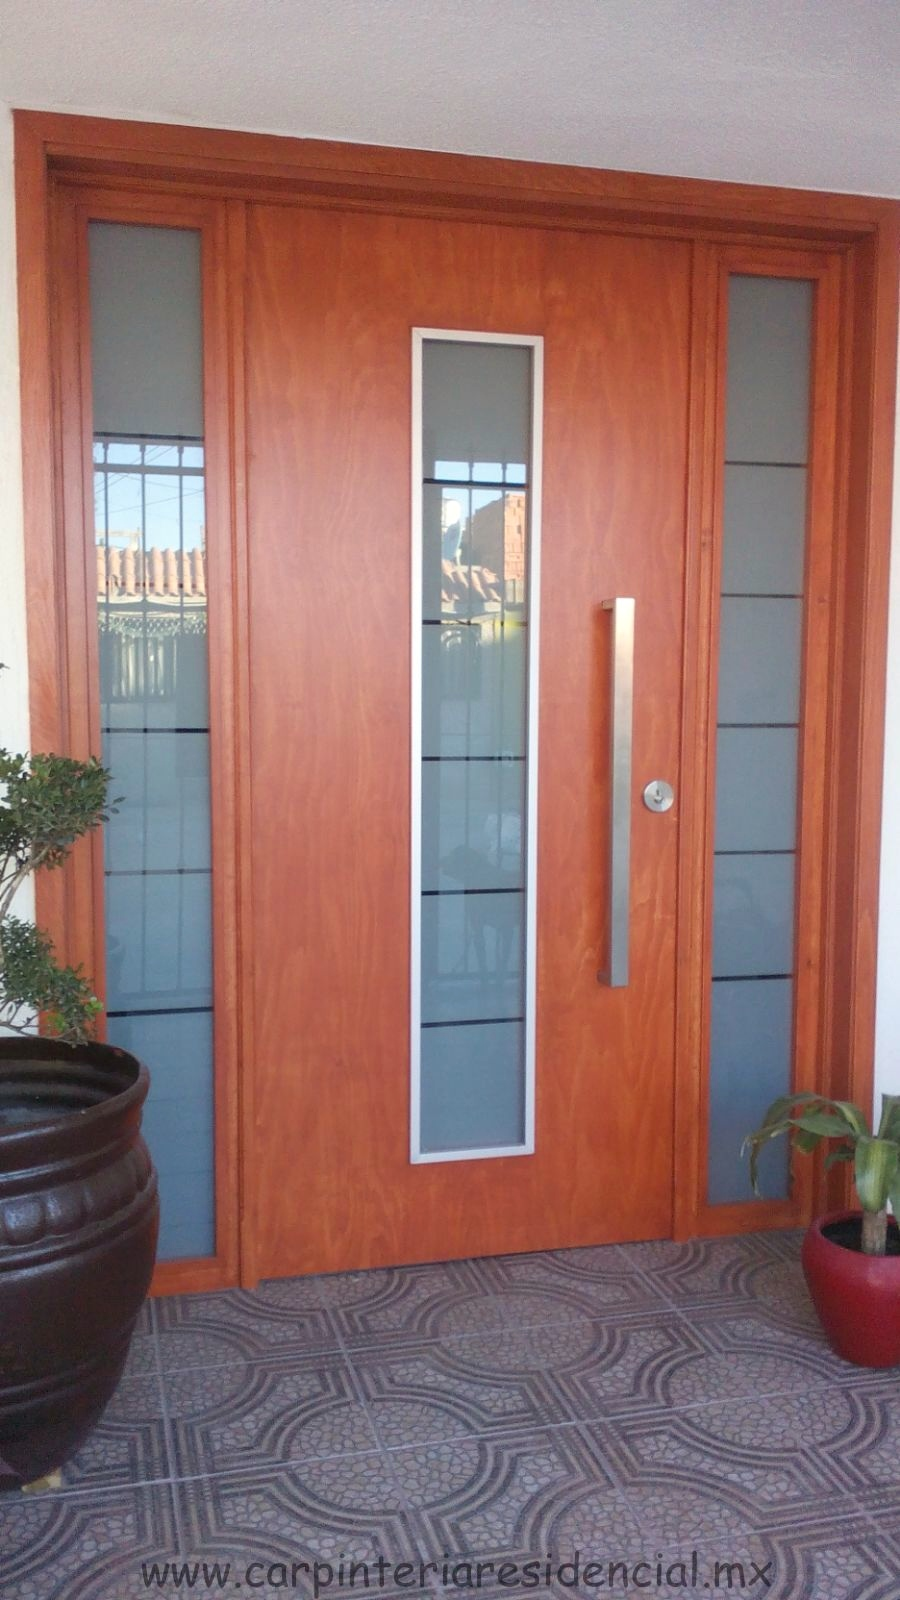 Trabajos recientes carpinteria residencial slp for Puertas interiores de madera con vidrio